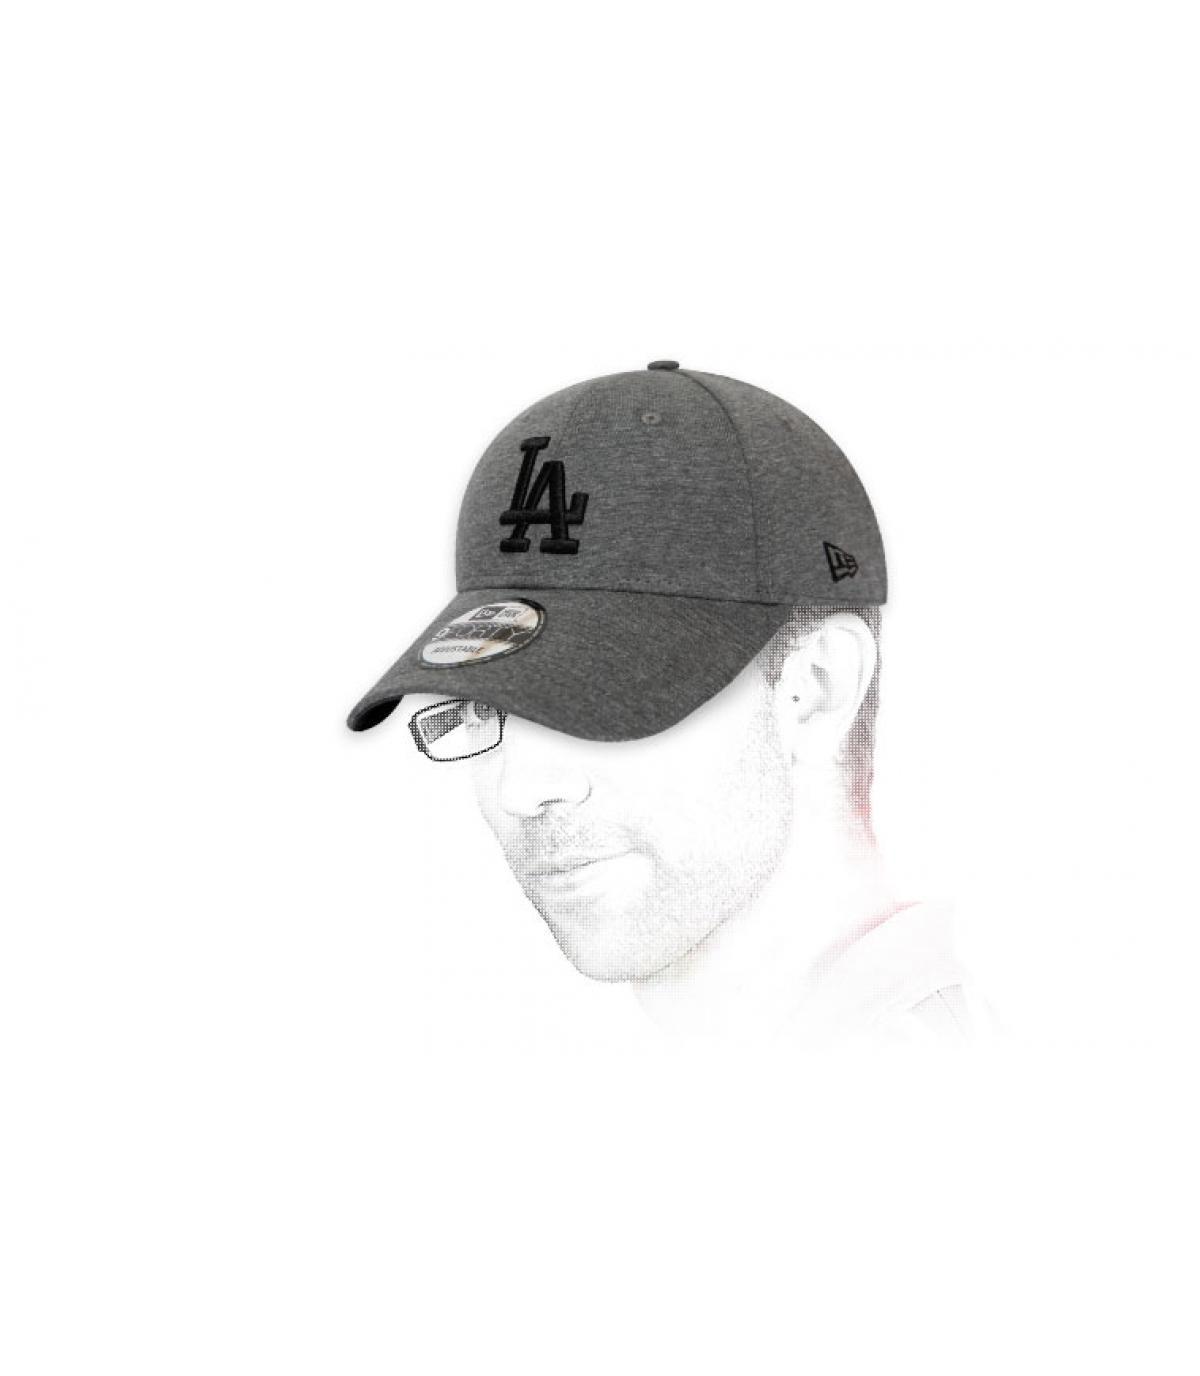 grey and black LA cap